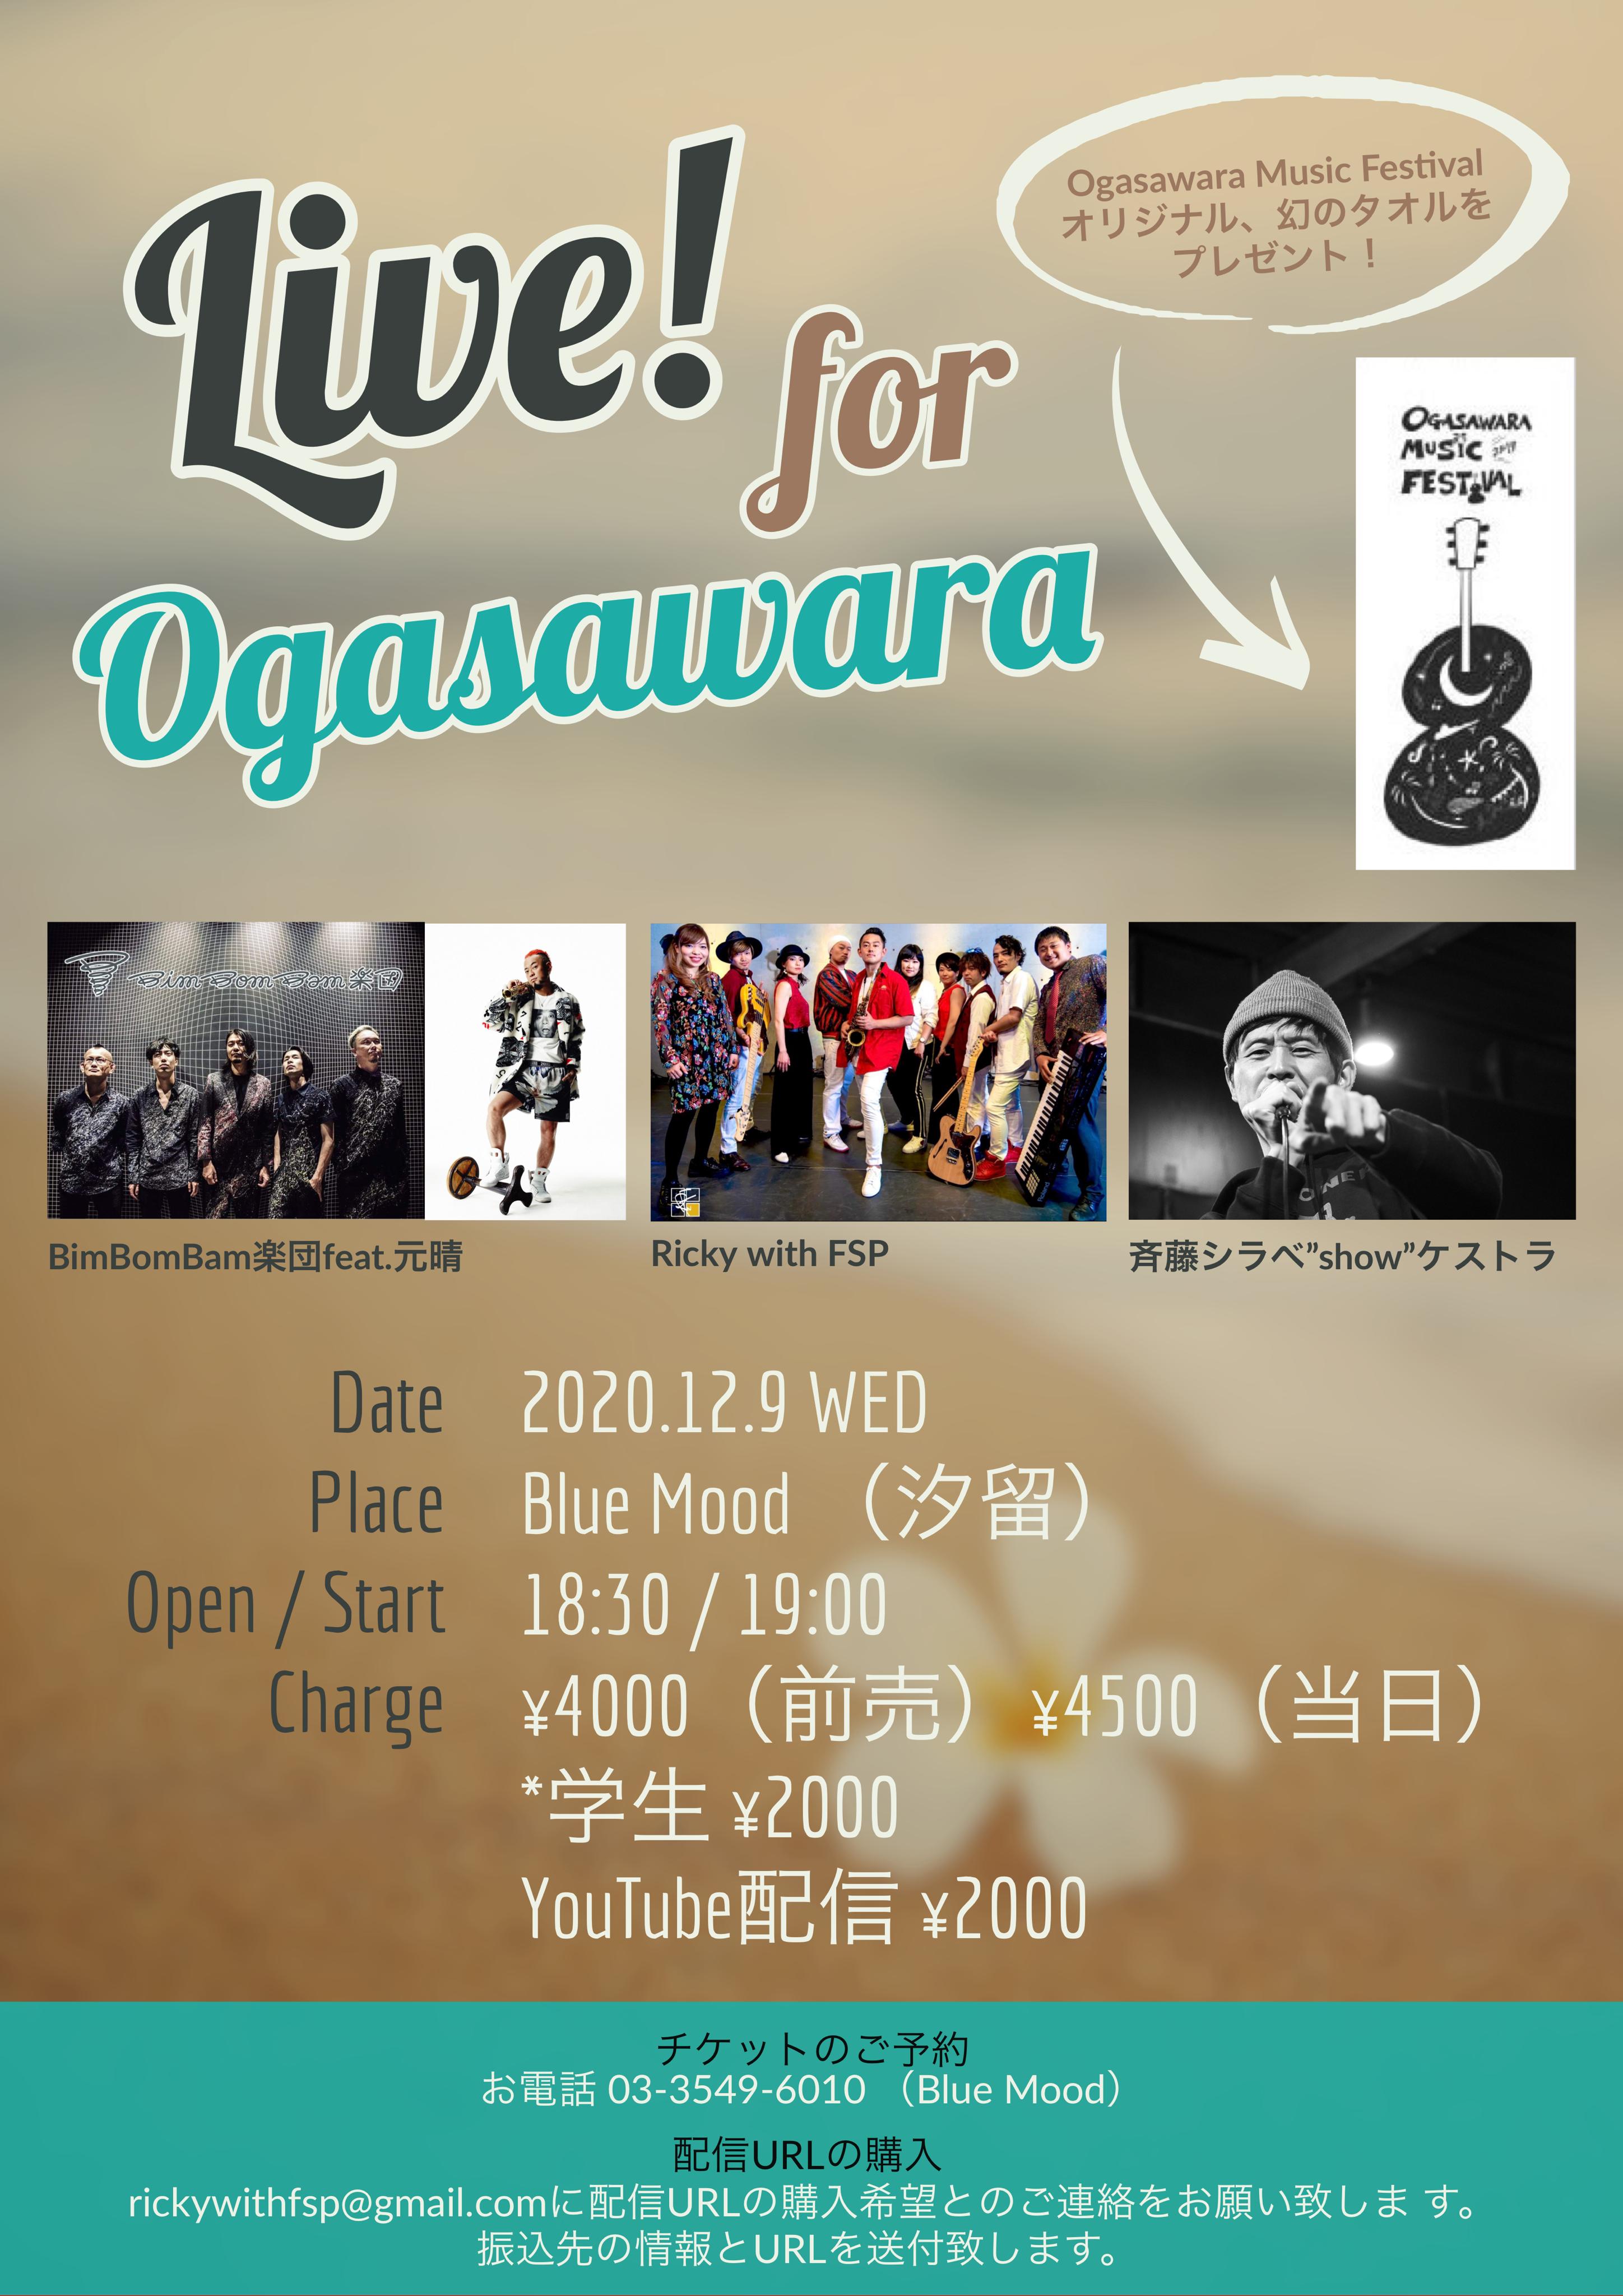 LIVE! for Ogasawara